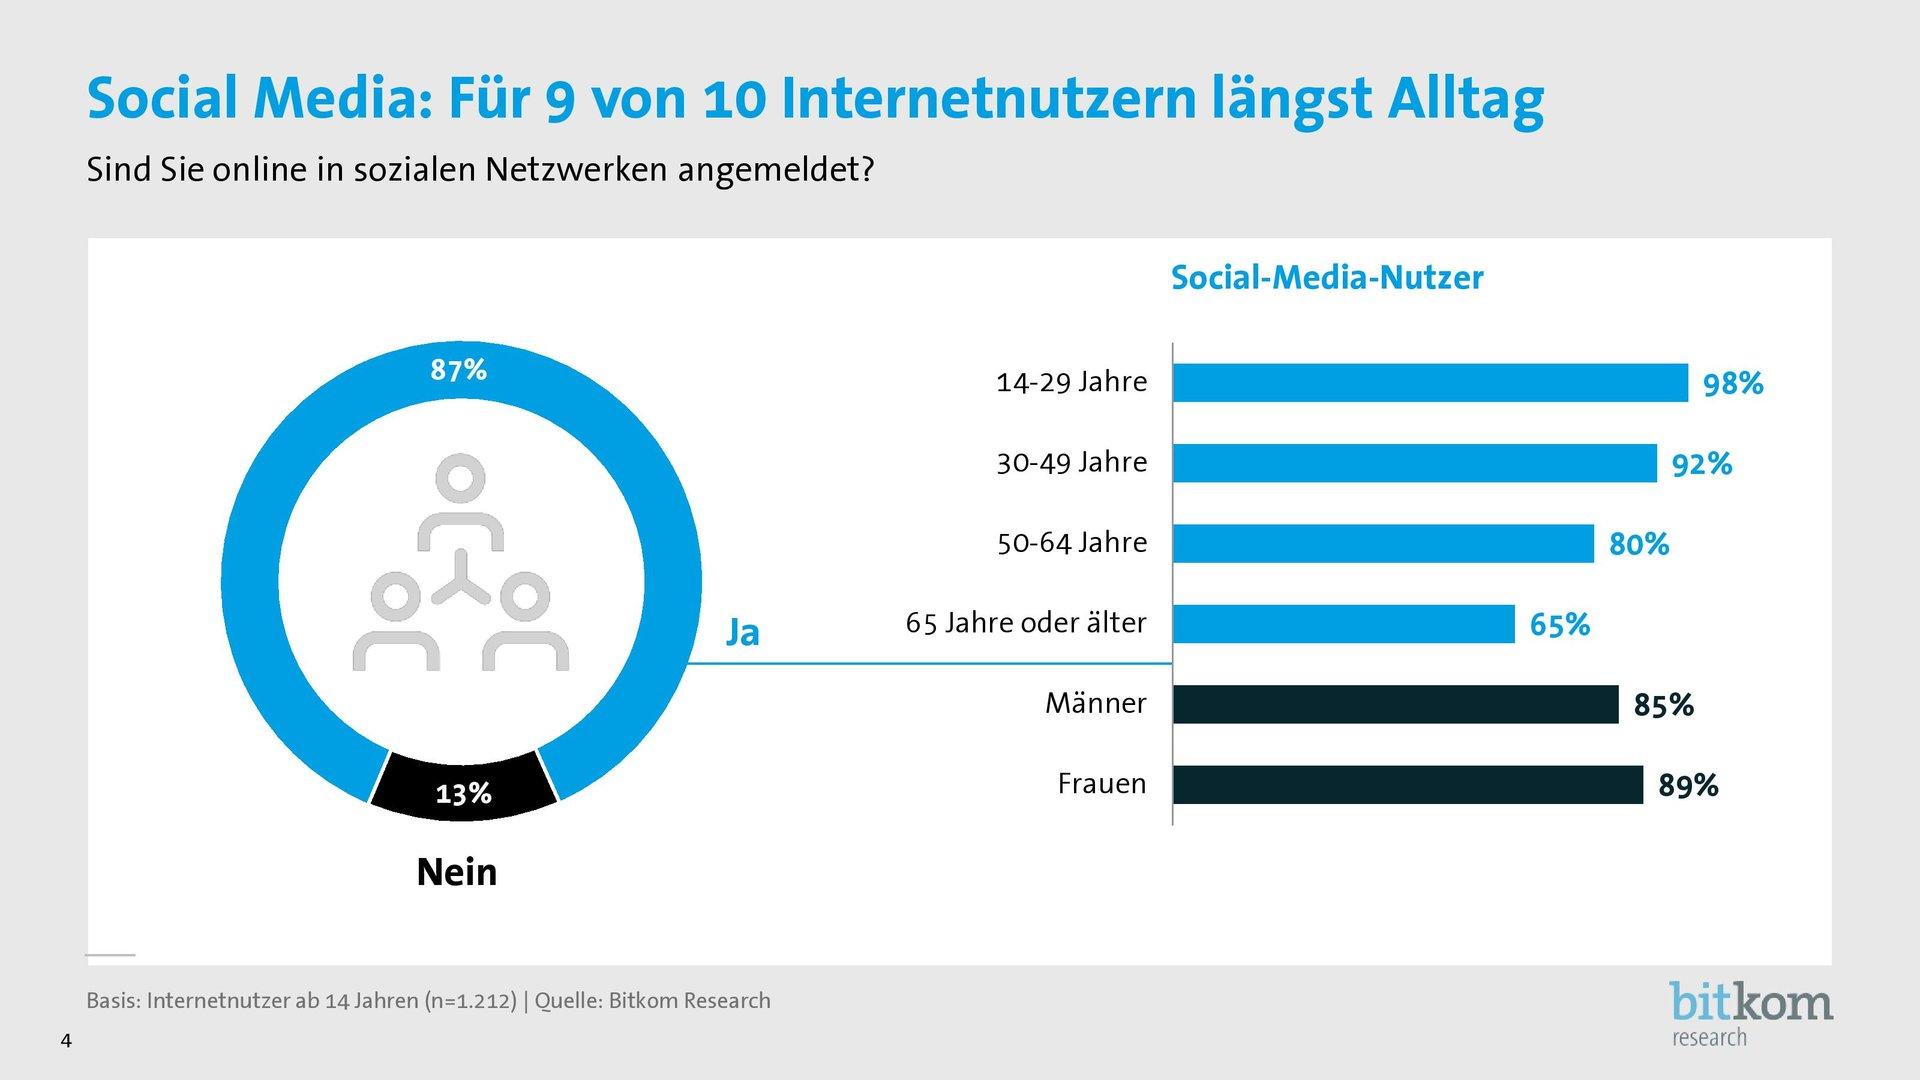 Social-Media-Nutzung der Befragten